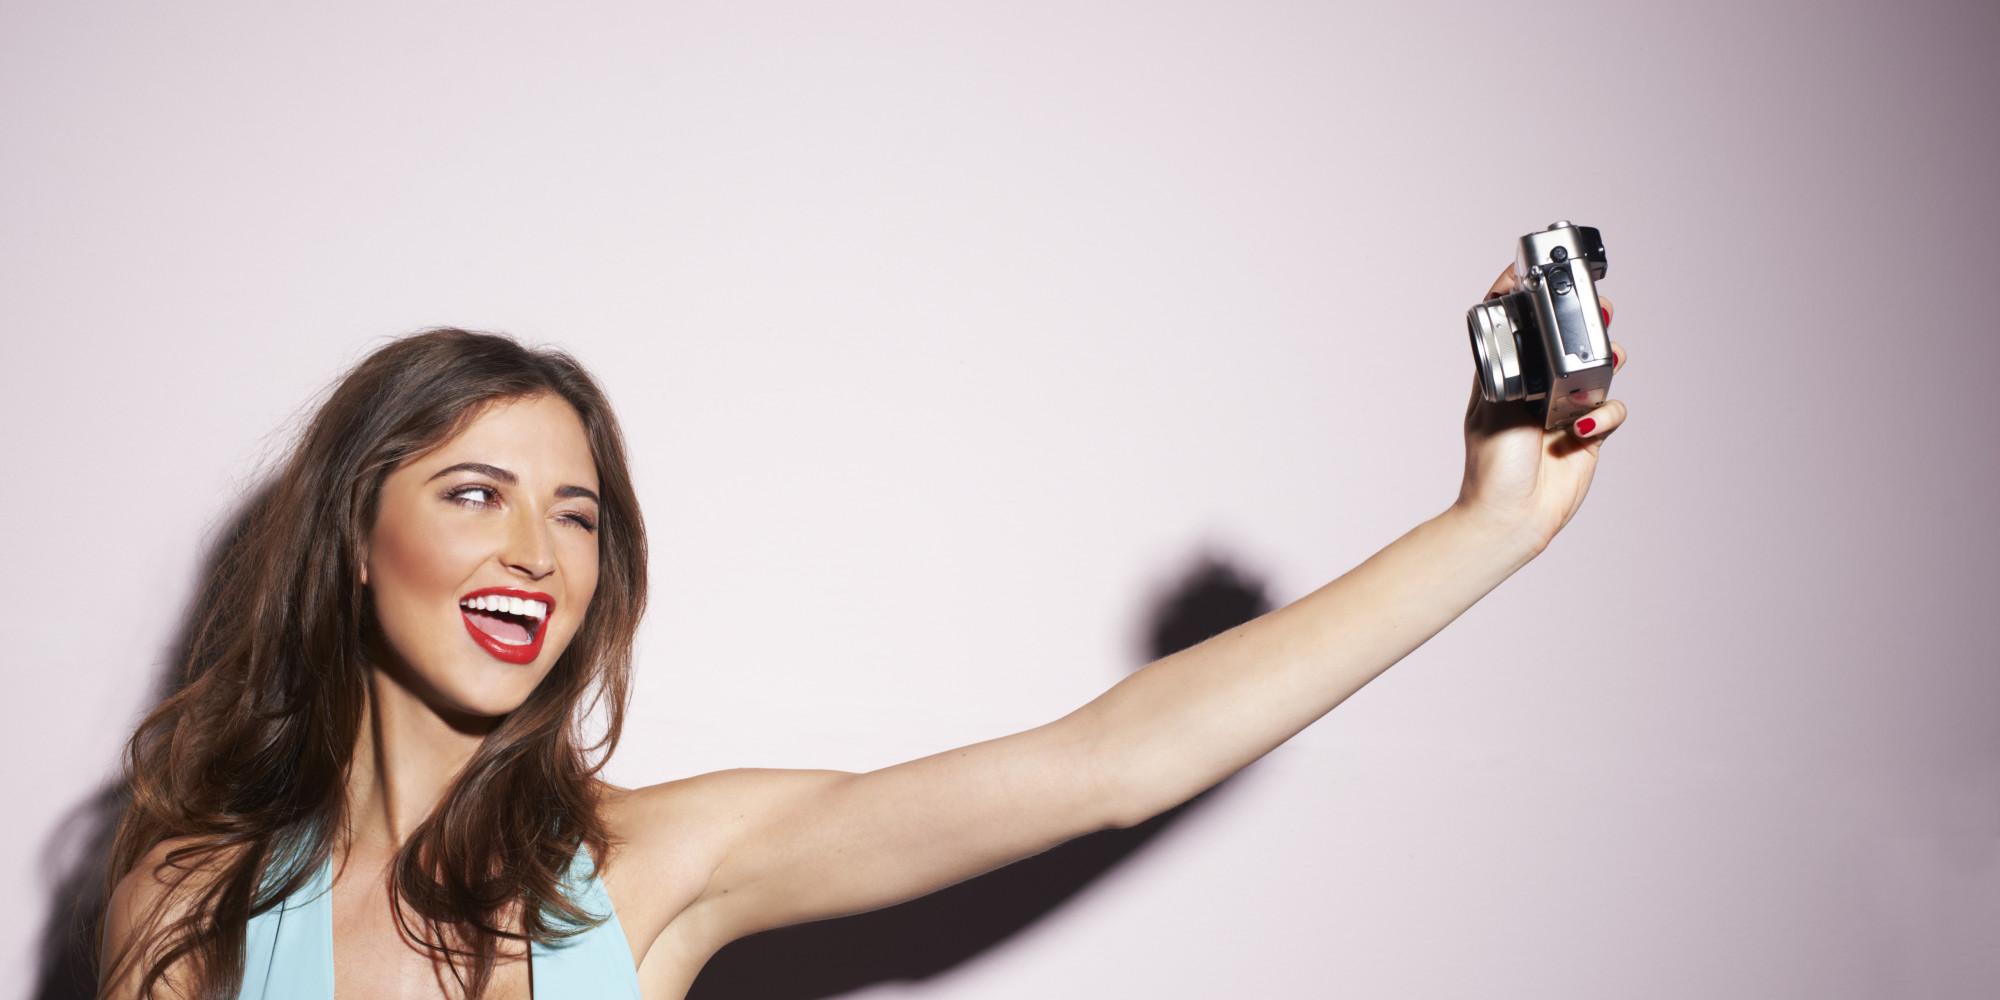 Selfie nud